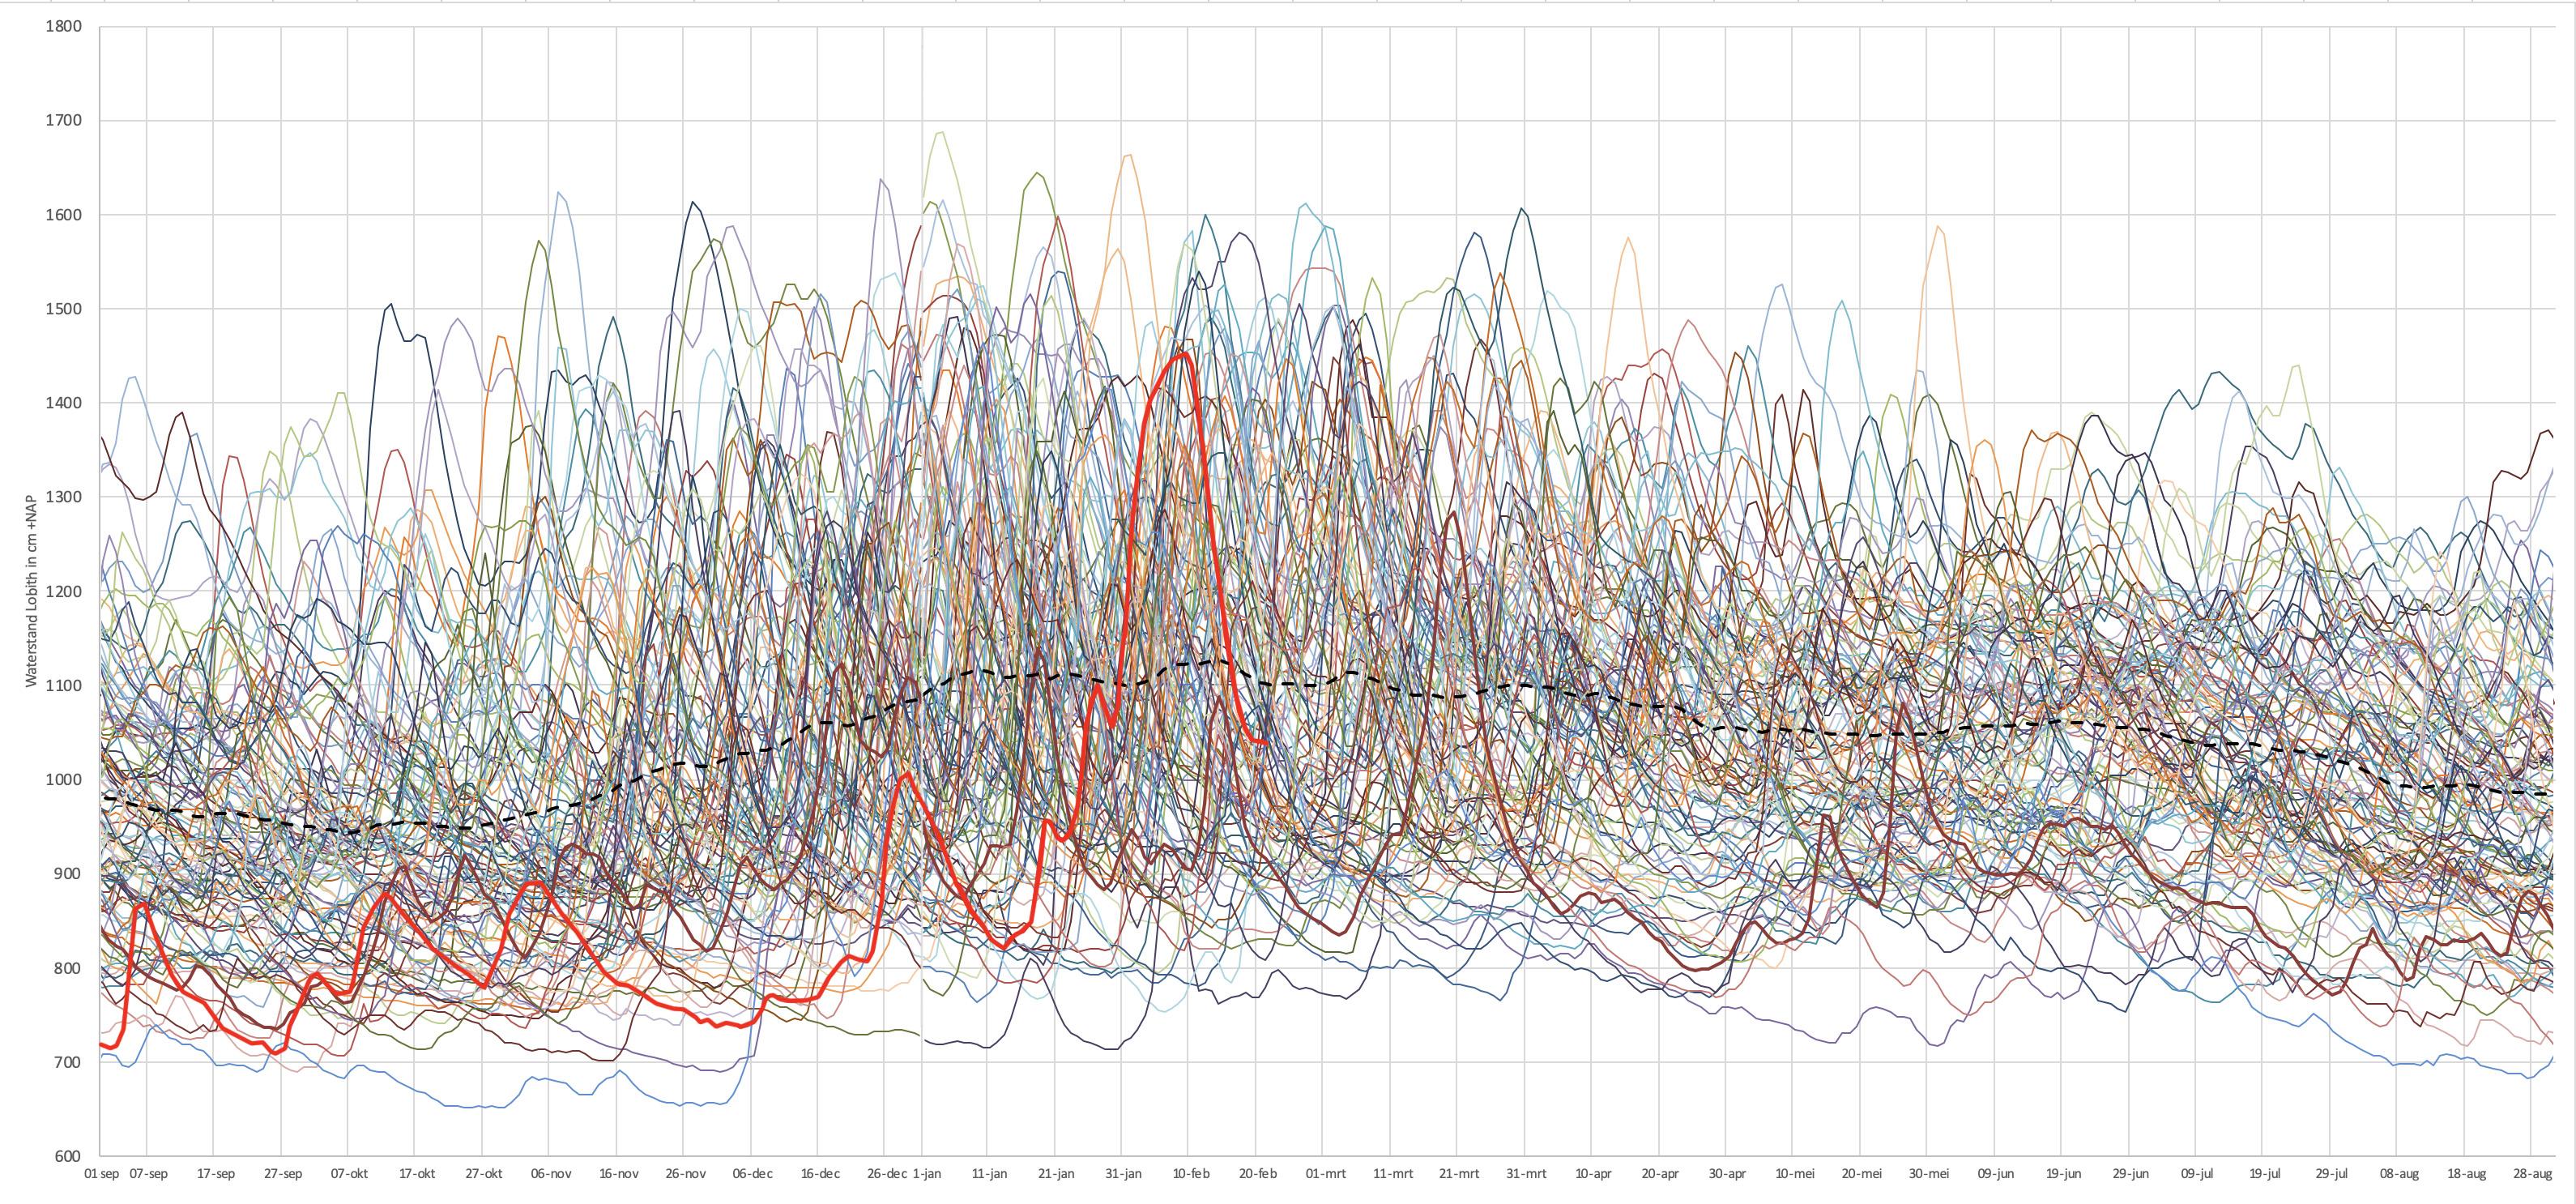 Waterstandsverloop van alle jaren sinds 1901. Het seizoen is opgeknipt op 1 september zodat het hoogwaterseizoen goed zichtbaar is. Het huidige seizoen is in rood aangegeven. Met de zwarte streepjeslijn is de gemiddelde waterstand aangegeven.